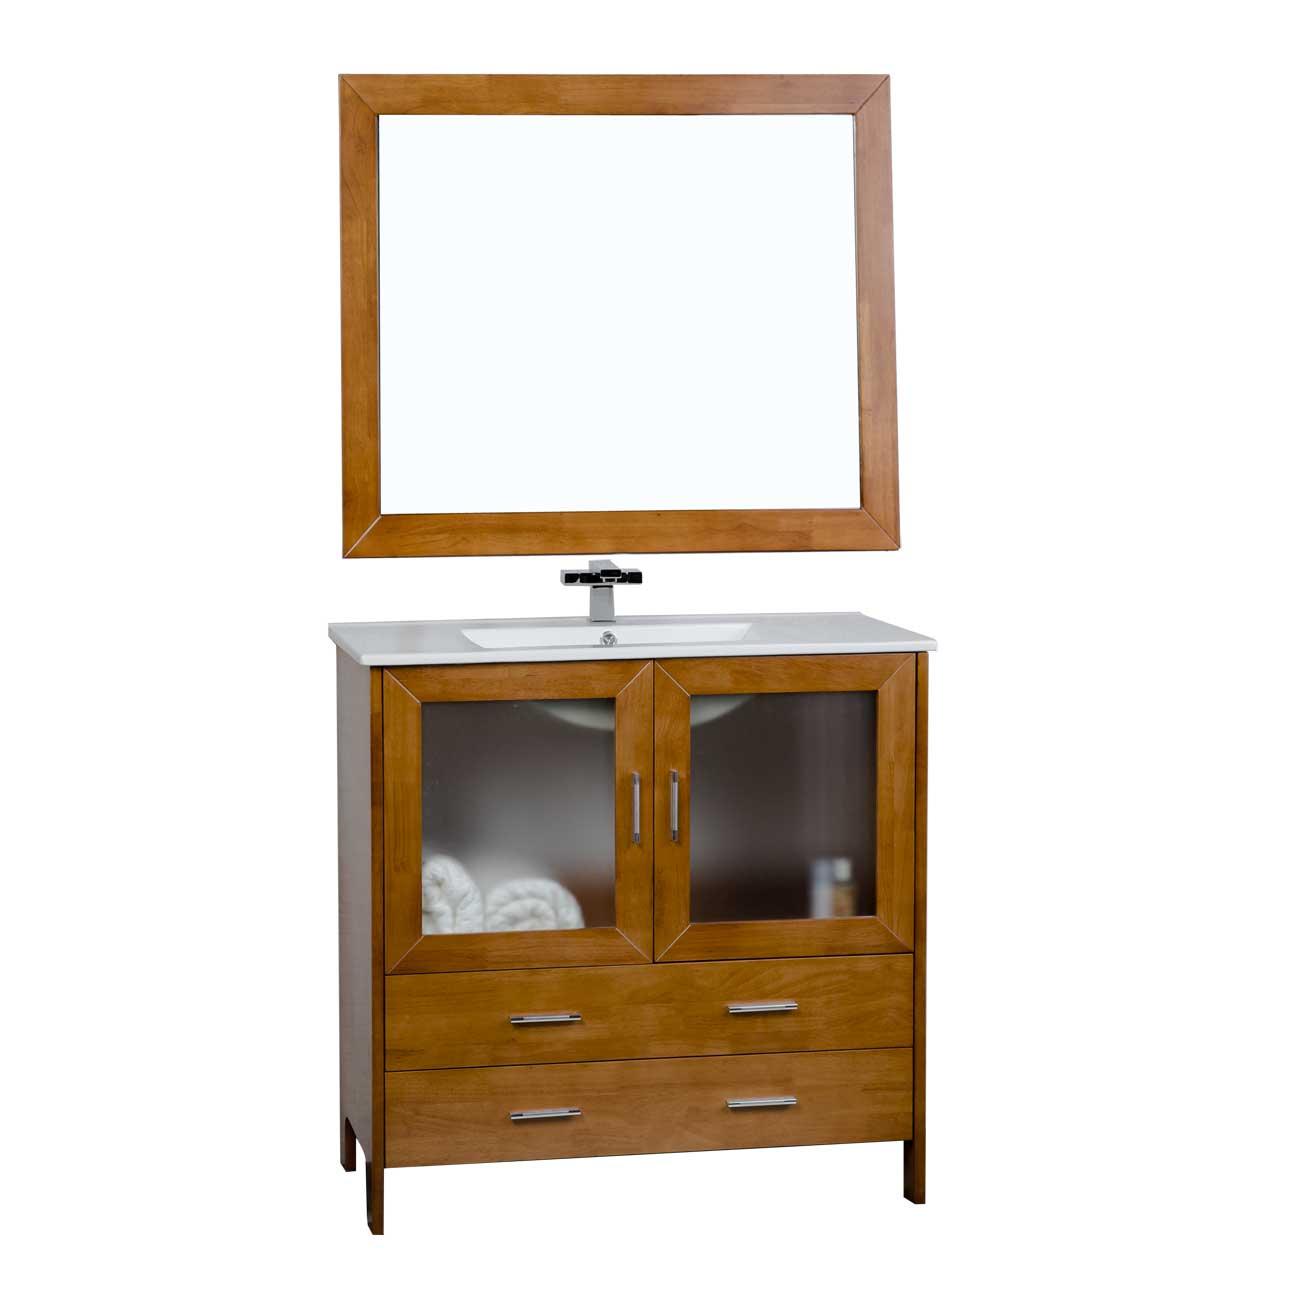 Virtu usa 35 5 single bathroom vanity set in natural oak for Oak bathroom vanity